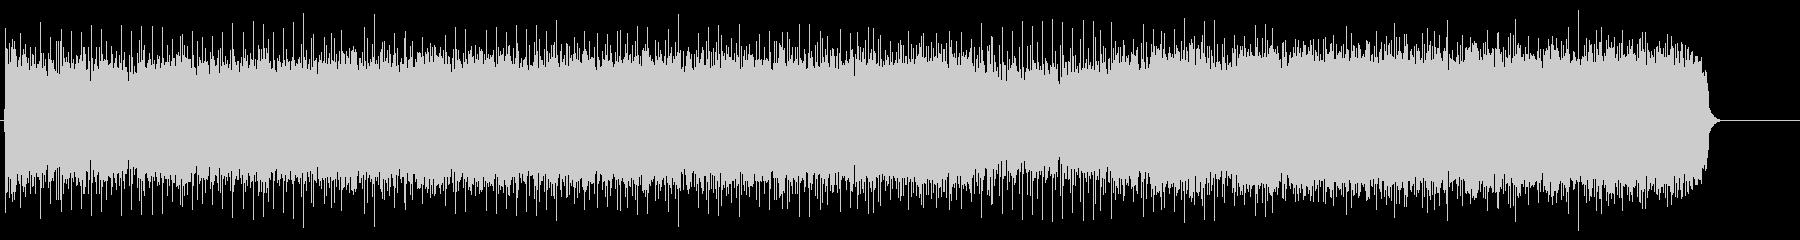 躍動感とスピード感の溢れる曲の未再生の波形